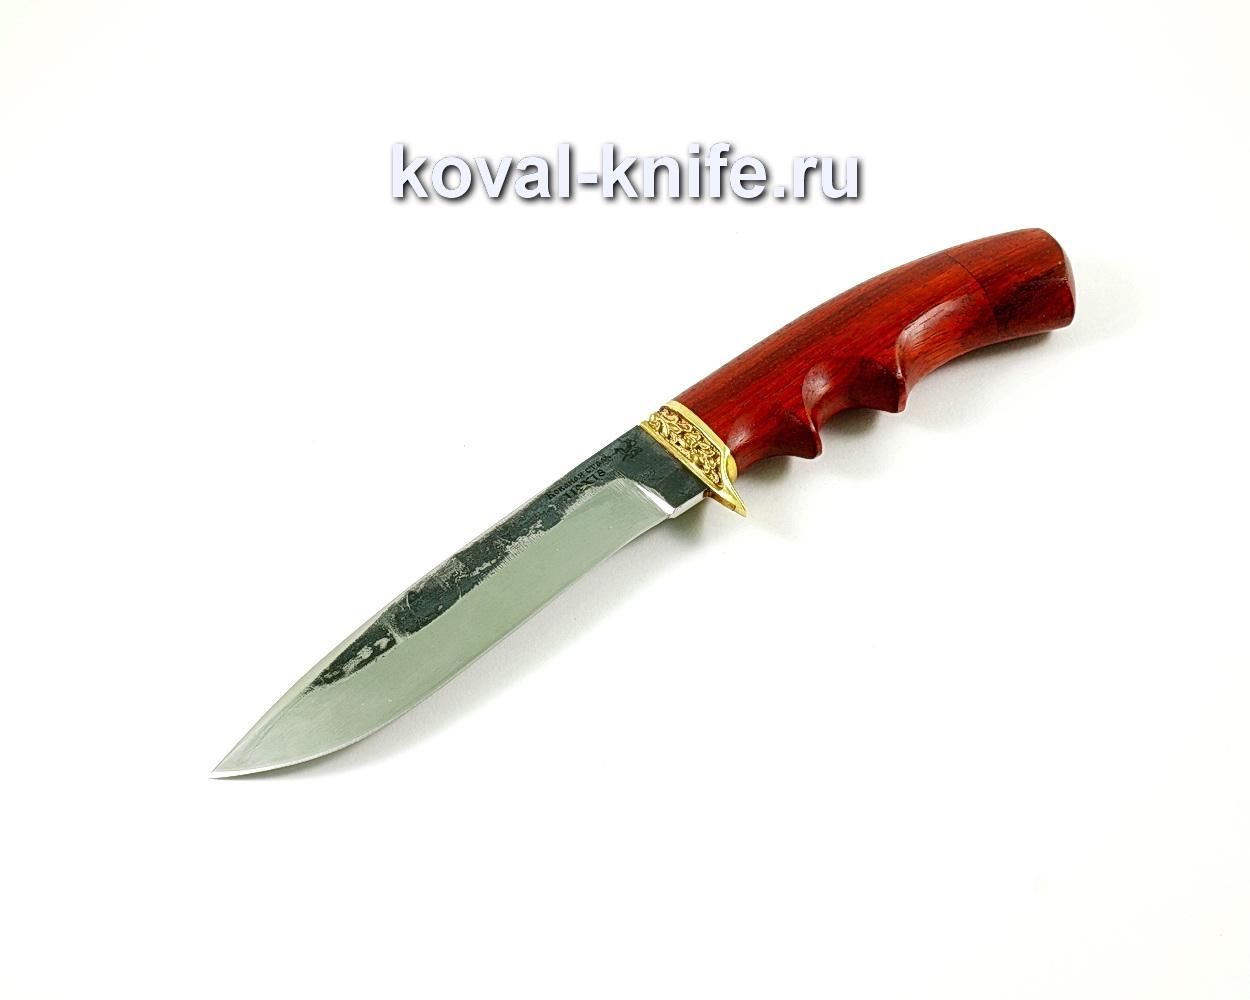 Нож олимп (сталь 110х18), рукоять падук, литье A221